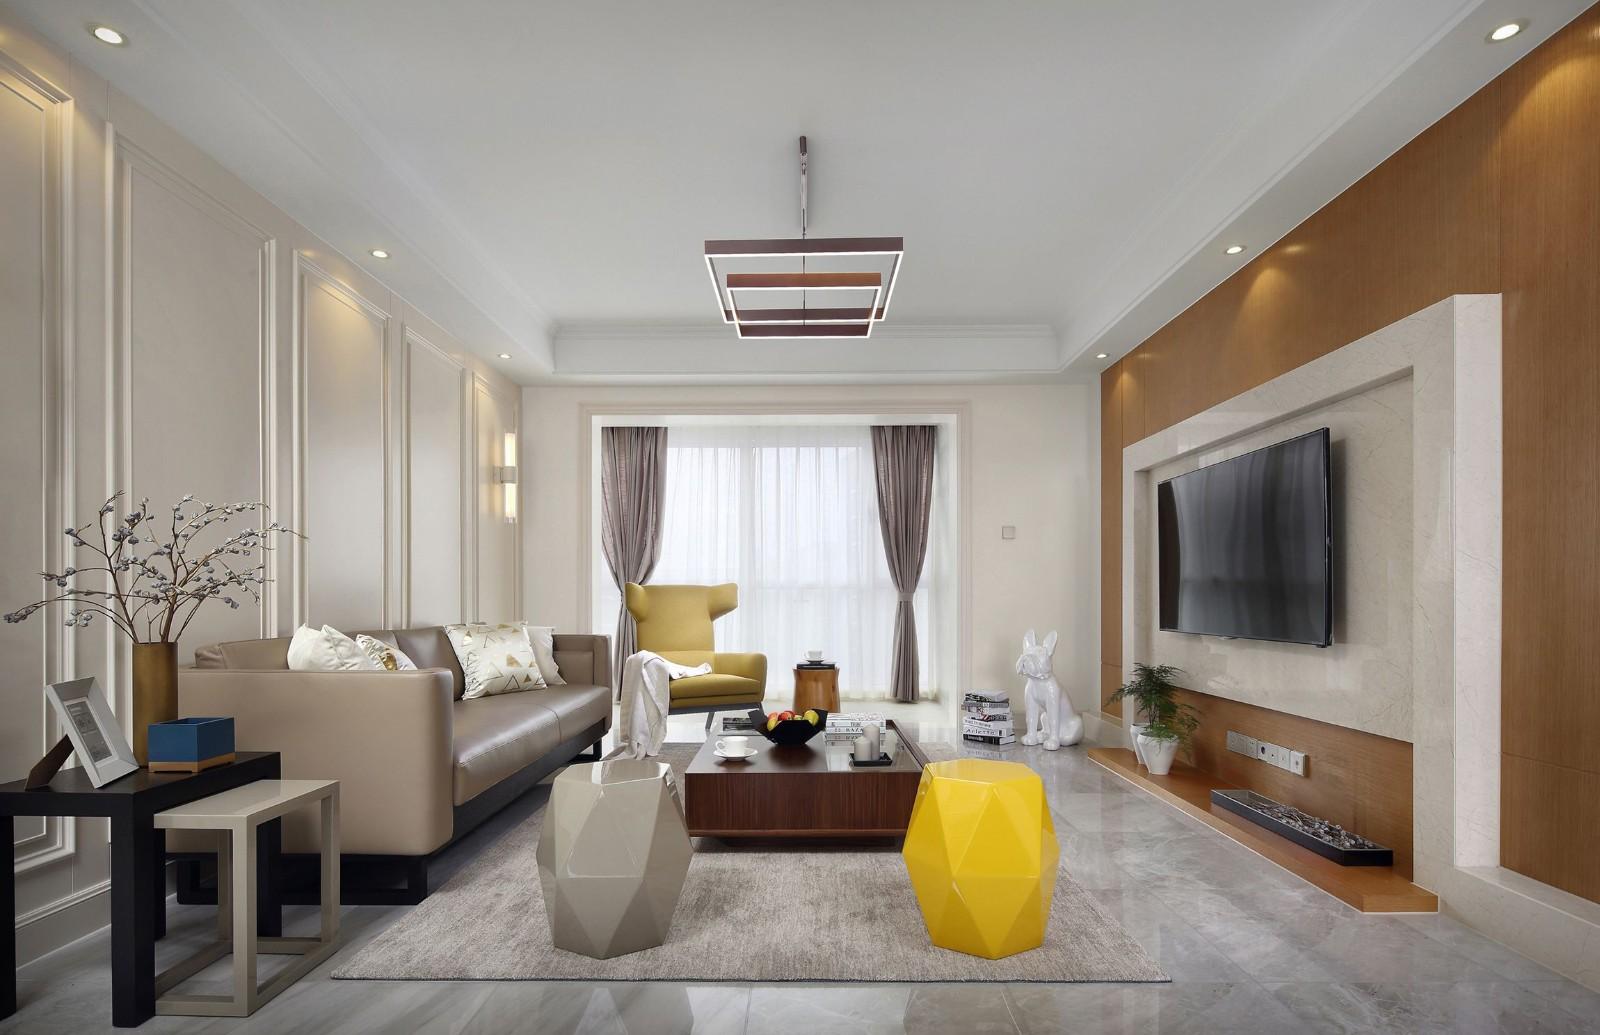 現代 三居室 89平米